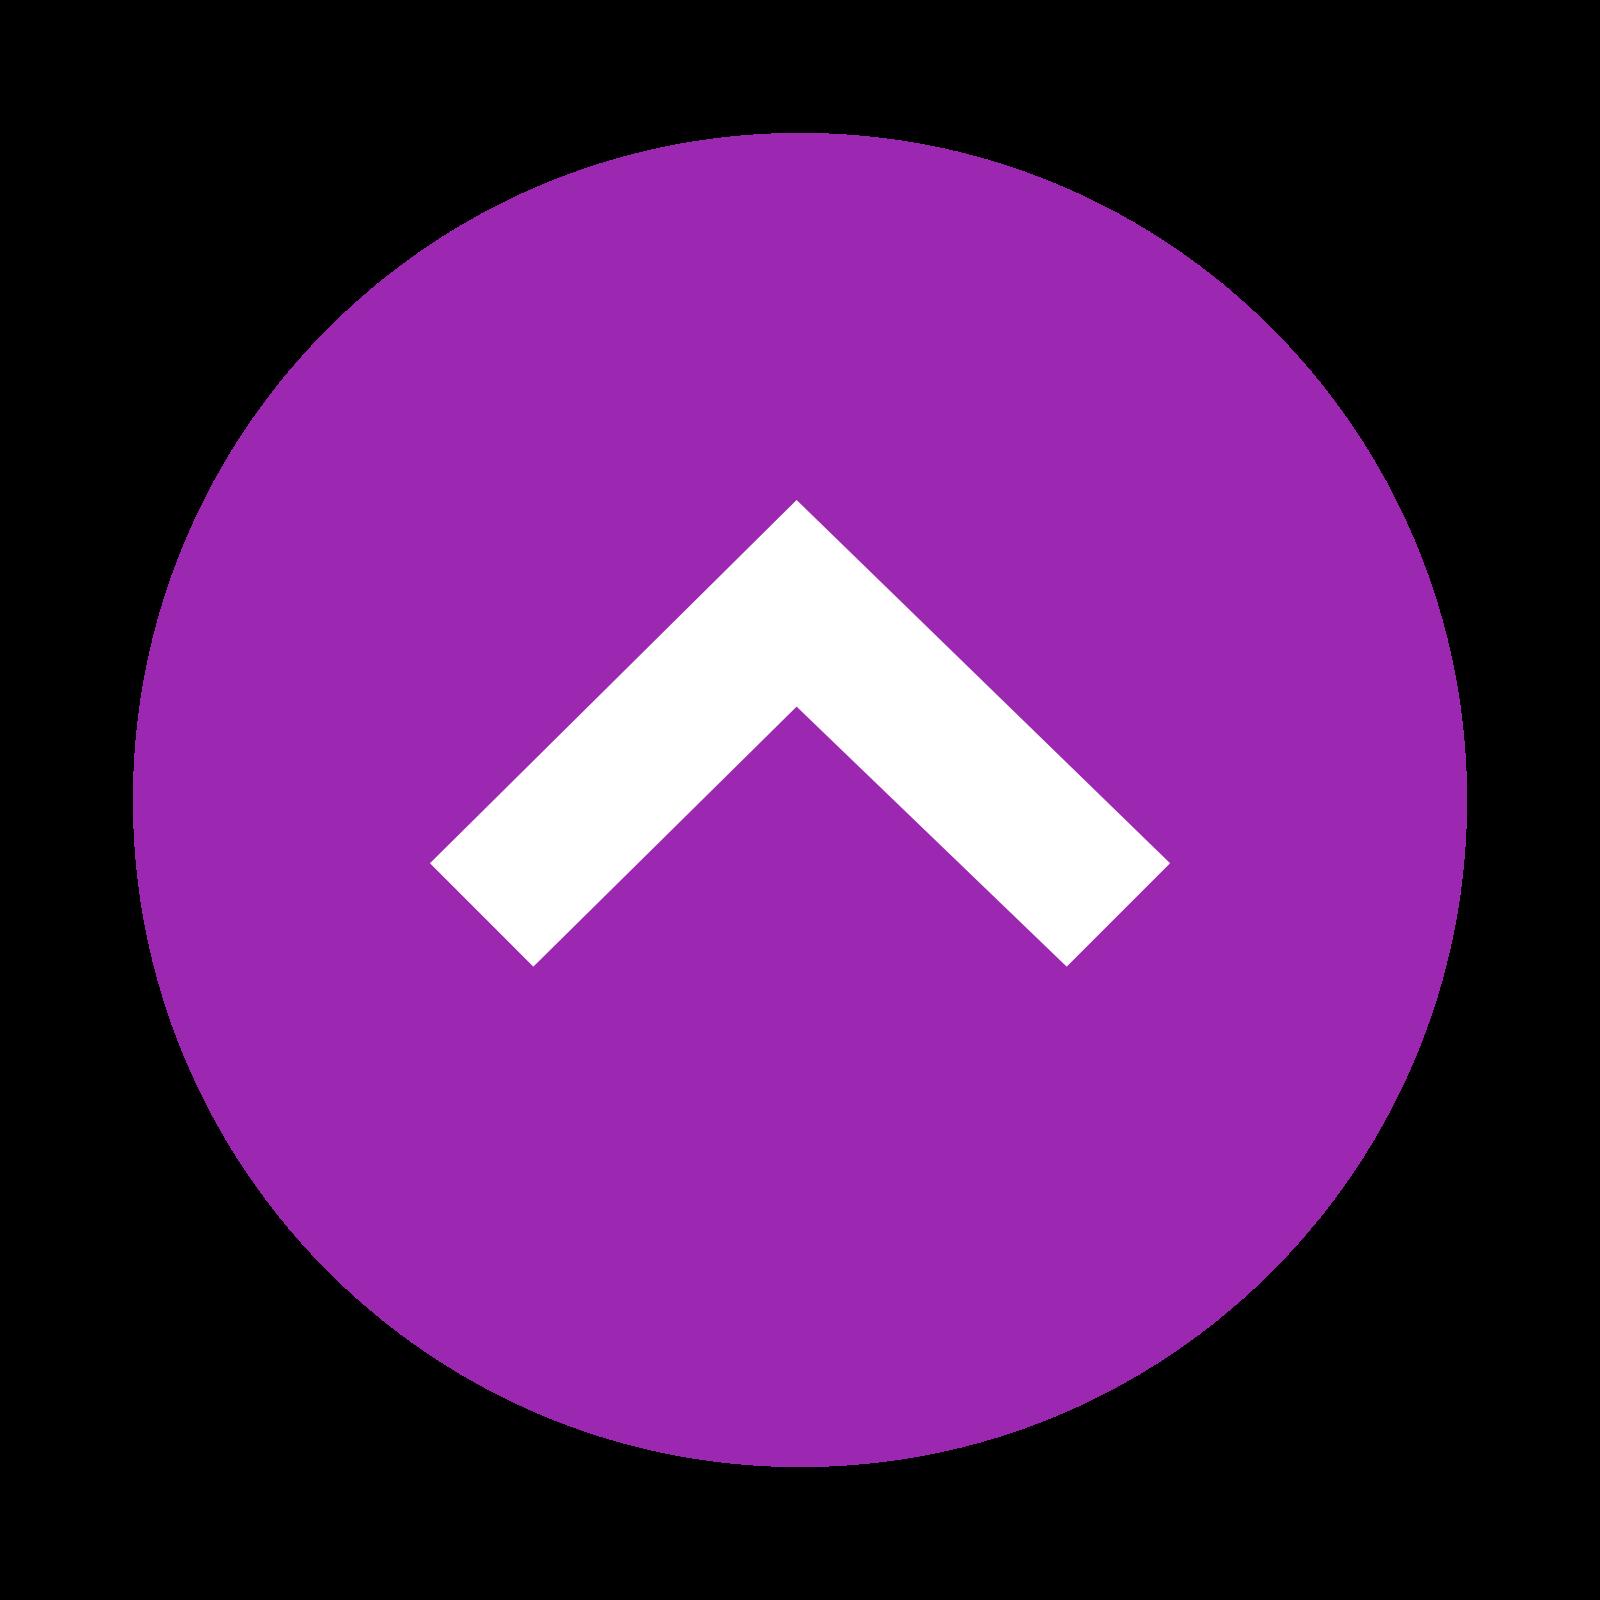 上 icon. The logo is an unfilled circle, and centered on the inside is a carat simple. The carat symbol is pointed in the upwards direction, like an arrow without a tail. The carat is centered on the inside of the circle.